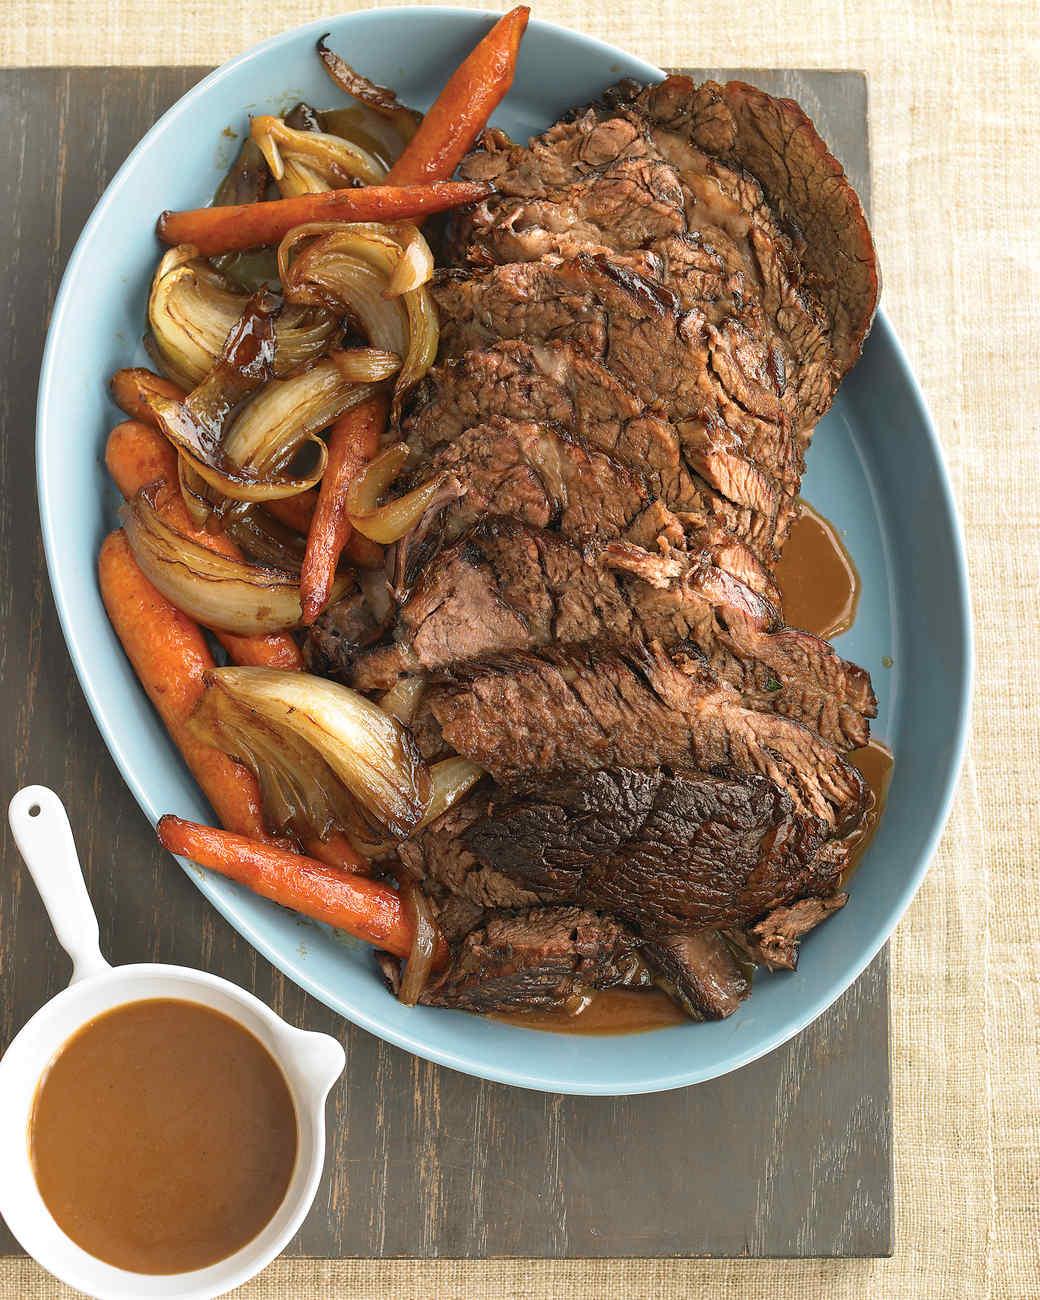 Best pork roast slow cooker recipe